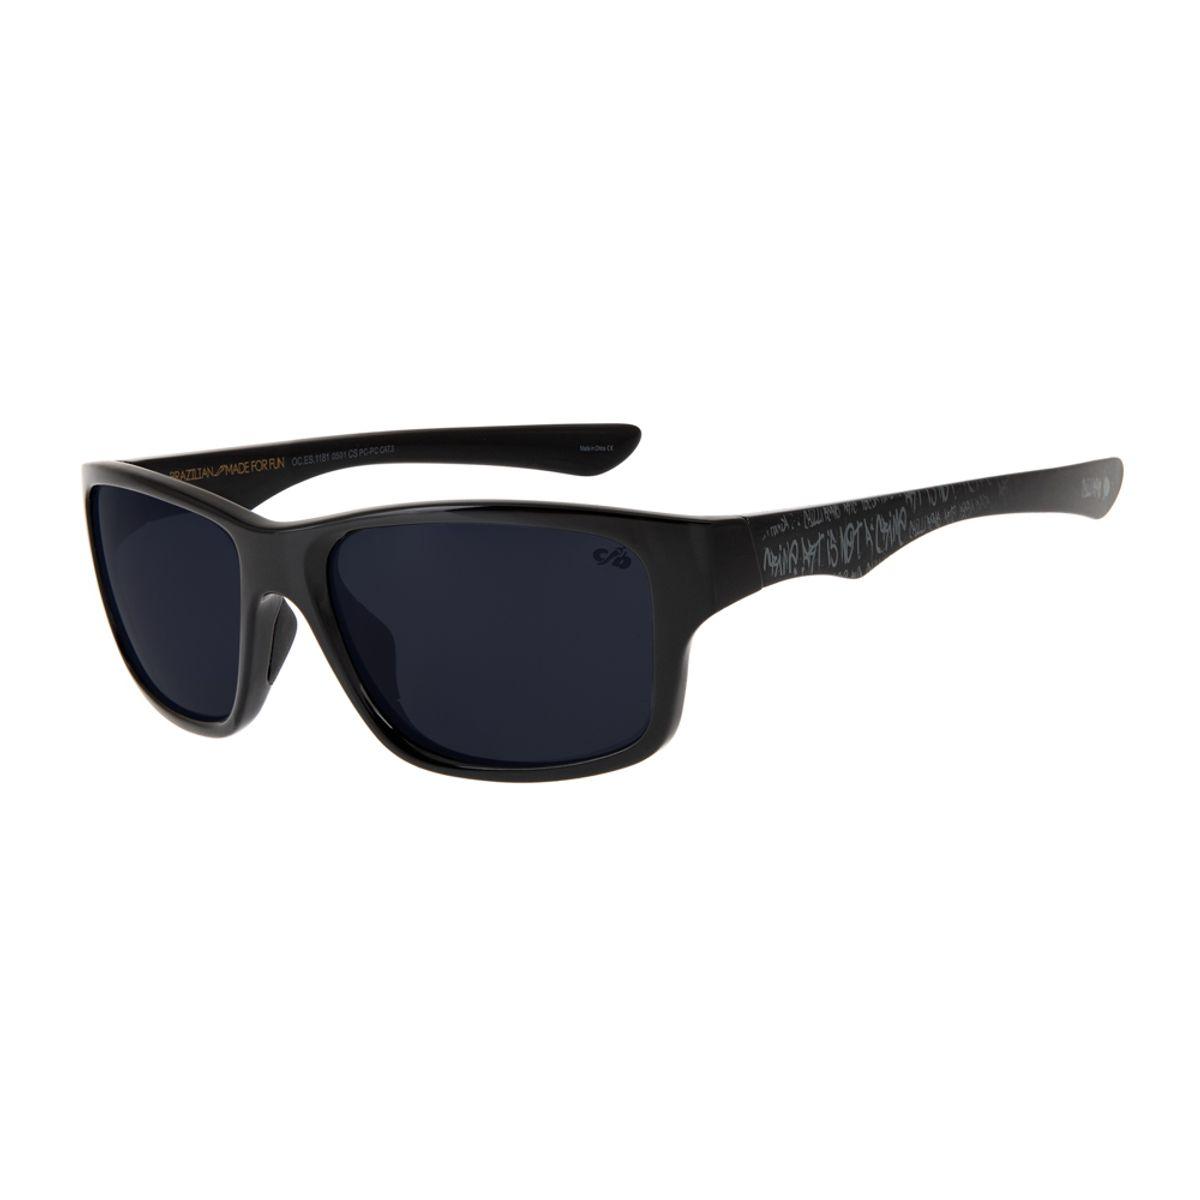 d3339e9e7cf62 Óculos de Sol Chilli Beans Masculino Esportivo Cranio SK8 Polarizado ...